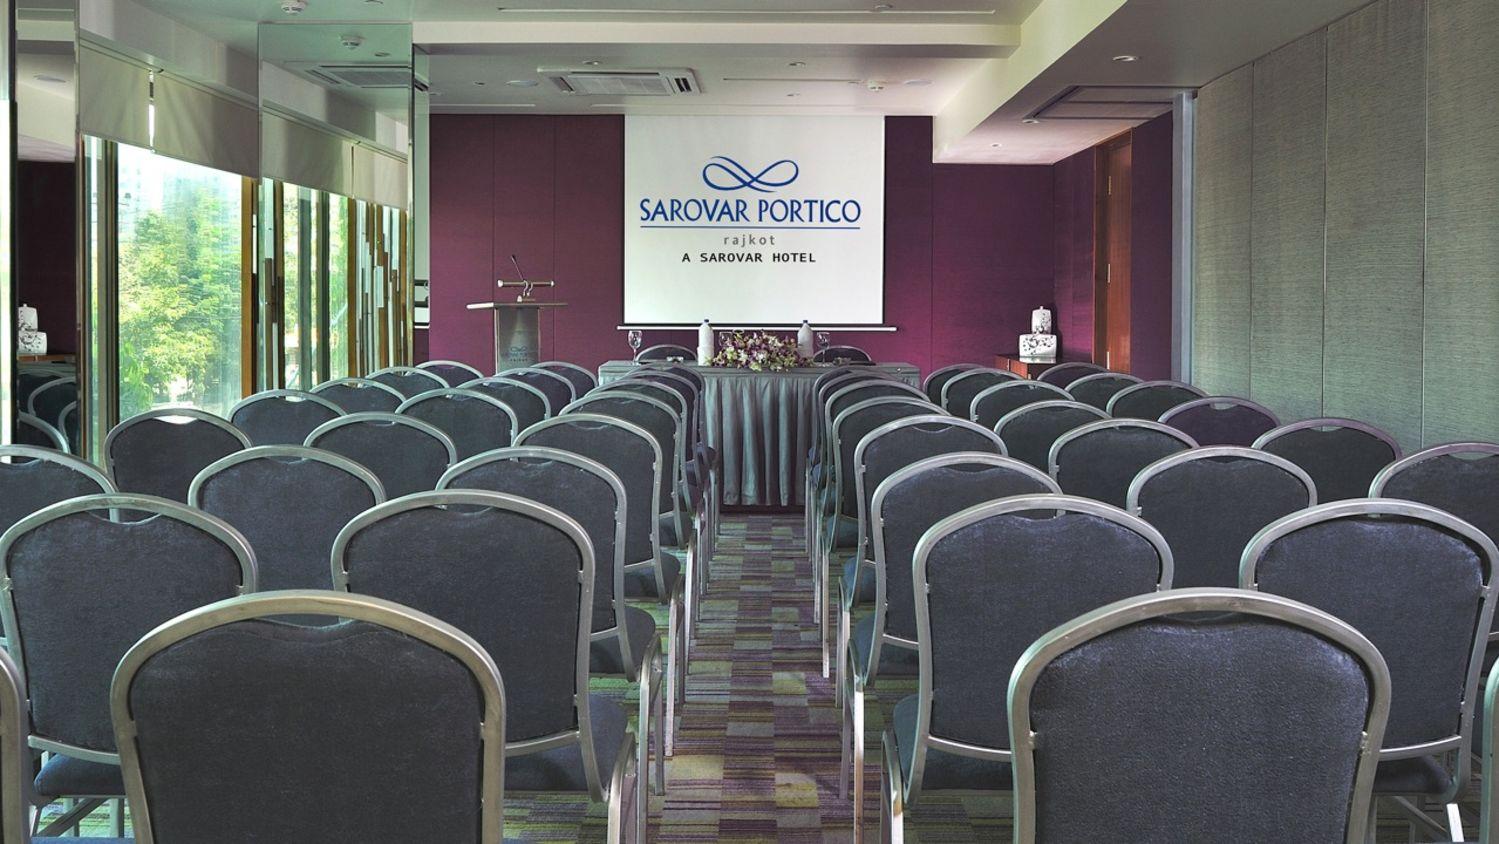 Banquet Halls in Rajkot, Marasa Sarovar Portico, Rajkot Airport Hotel